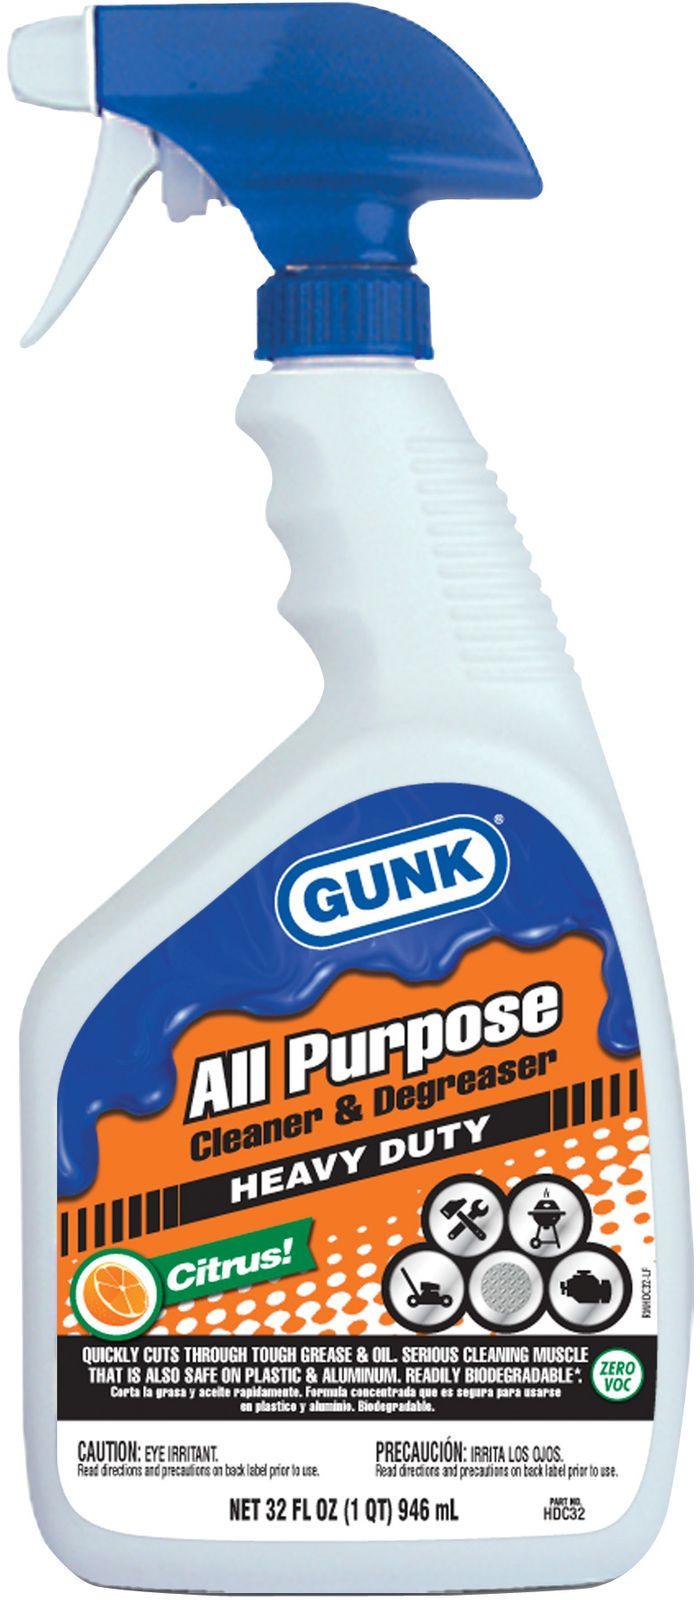 Очиститель грязи Gunk, универсальный, с ароматом цитрусовых, 946 мл